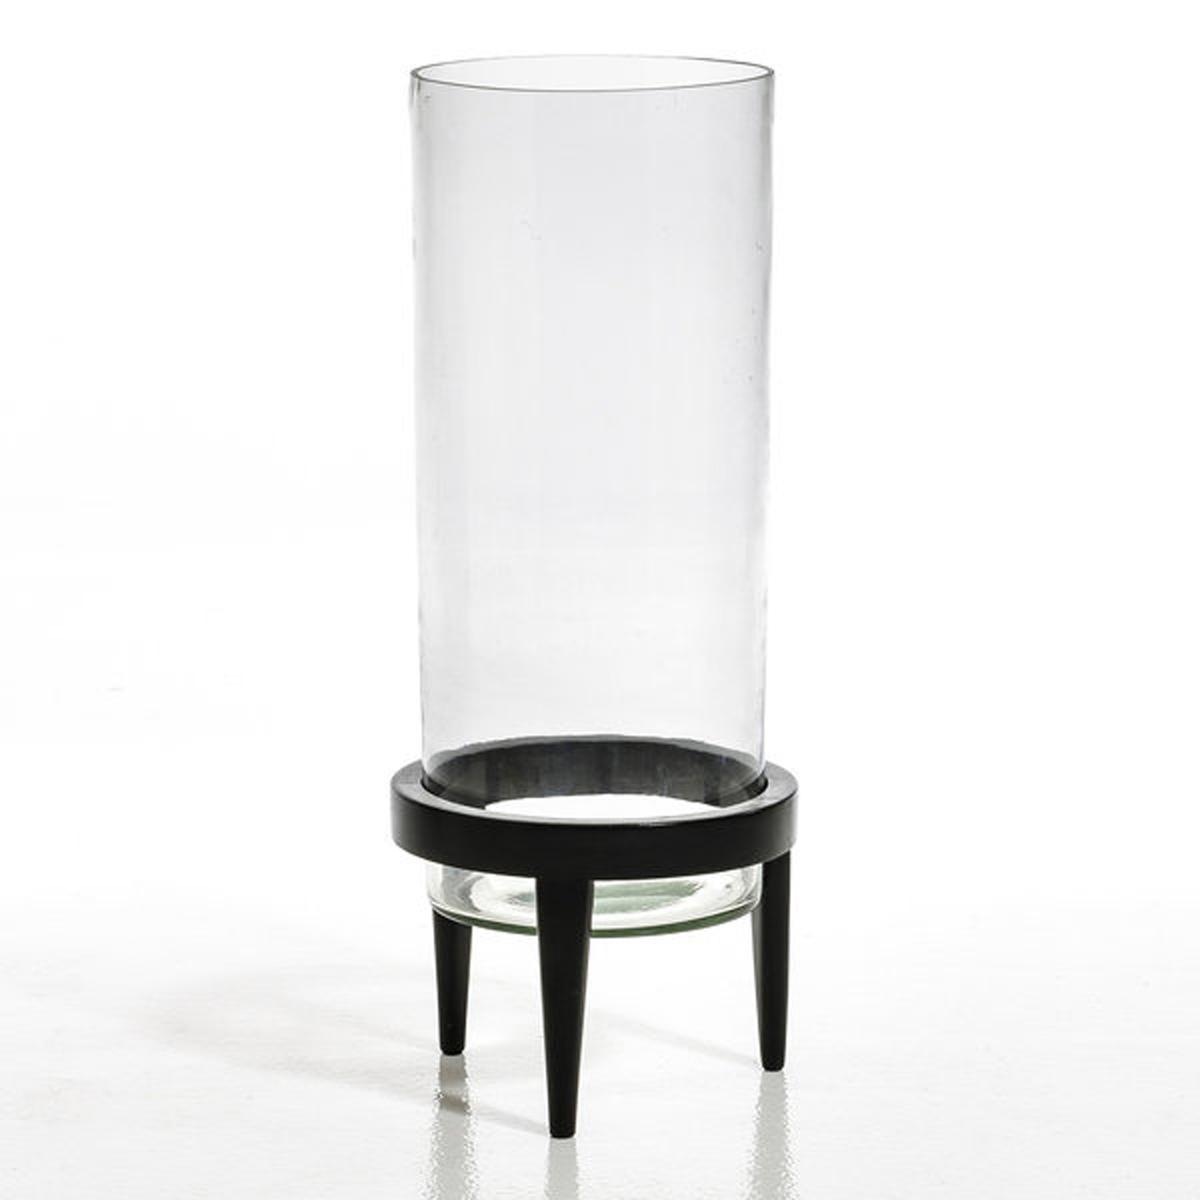 Террариум Bocage из стекла и мангового дерева, диаметр 25,5 смТеррариум состоит из резервуара из прозрачного стекла, установленного на основание из мангового дерева.Добавьте немного зелени в интерьер дома благодаря этому террариуму, который станет садом в миниатюре.Этот террариум одновременно является предметом декора и экосистемой в миниатюре.Оригинальный террариум позволяет подчеркнуть растения, растущие внутри.Размеры :Размер 1 : диаметр 20 x высота 40 смРазмер 2 : диаметр 25,5 x высота 60 см<br><br>Цвет: черный